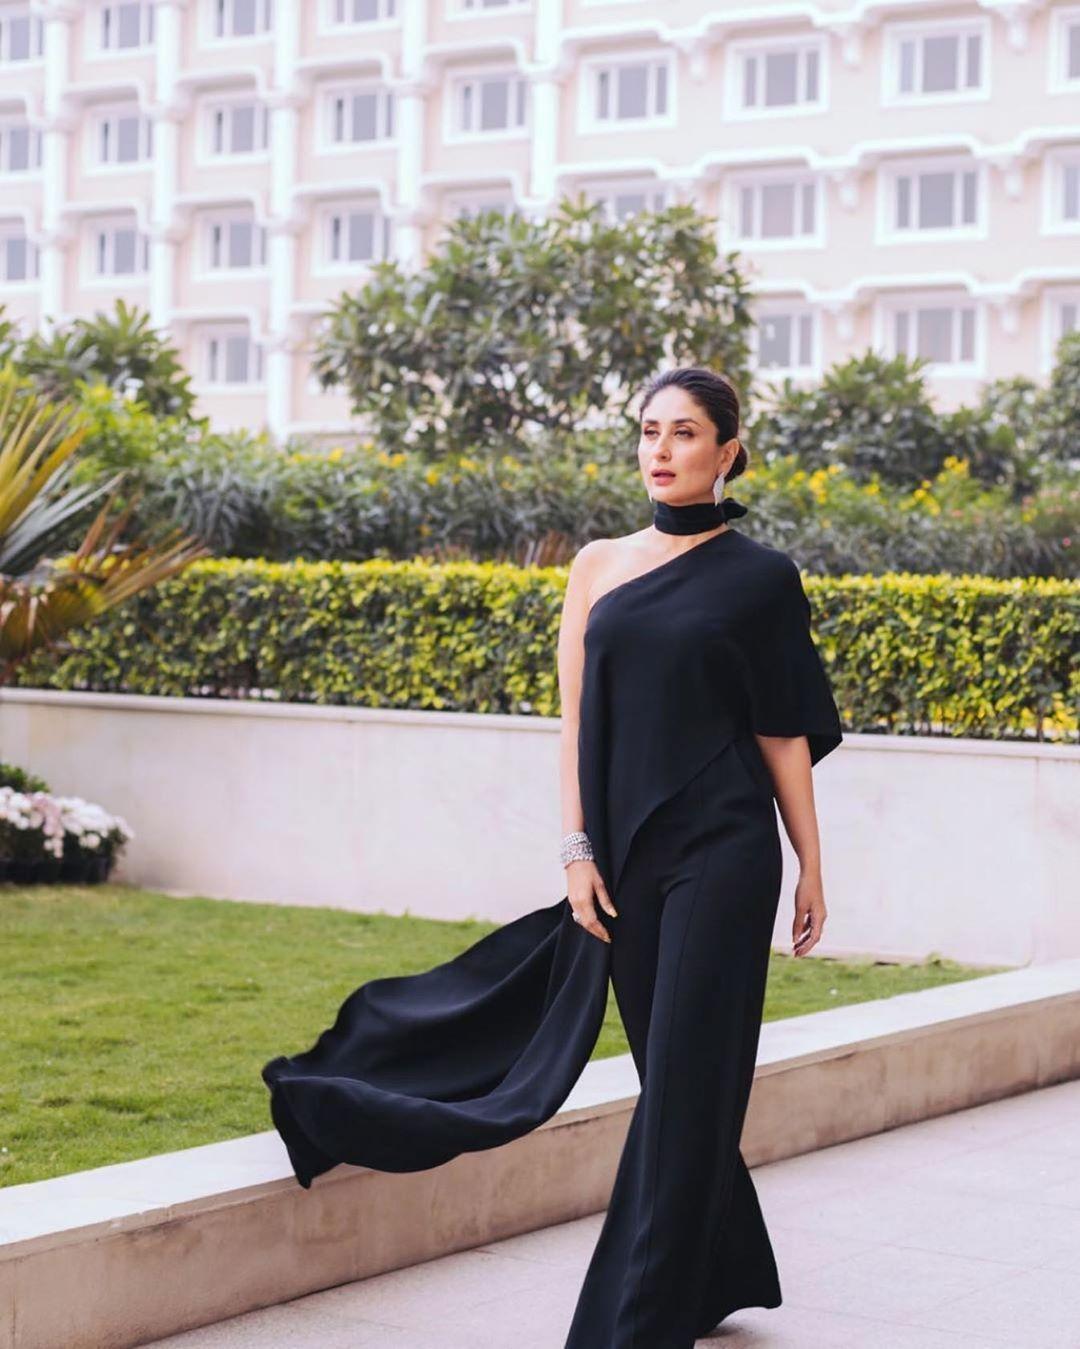 Kareena Kapoor on Marrying Saif Ali Khan at the Peak of Her Career